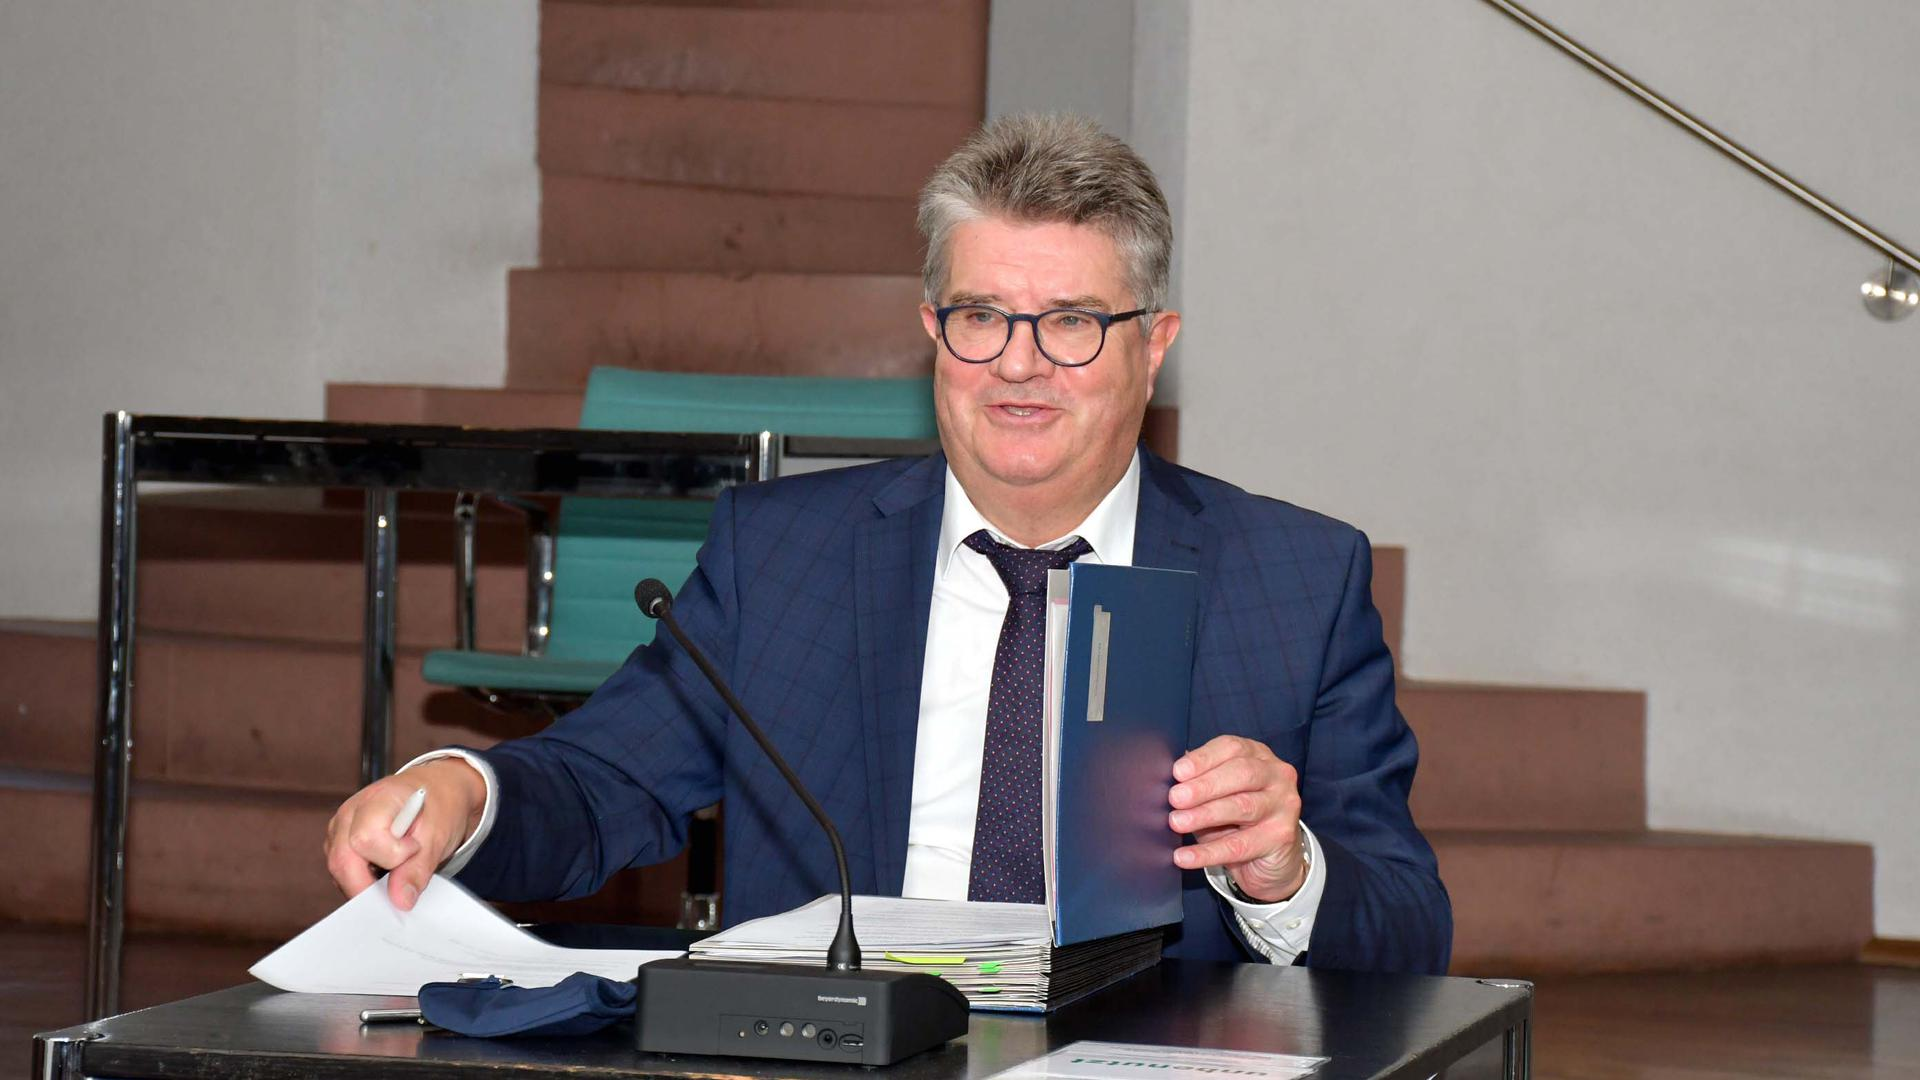 Hubert Schnurr Oberbrgermeister der Stadt Bhl